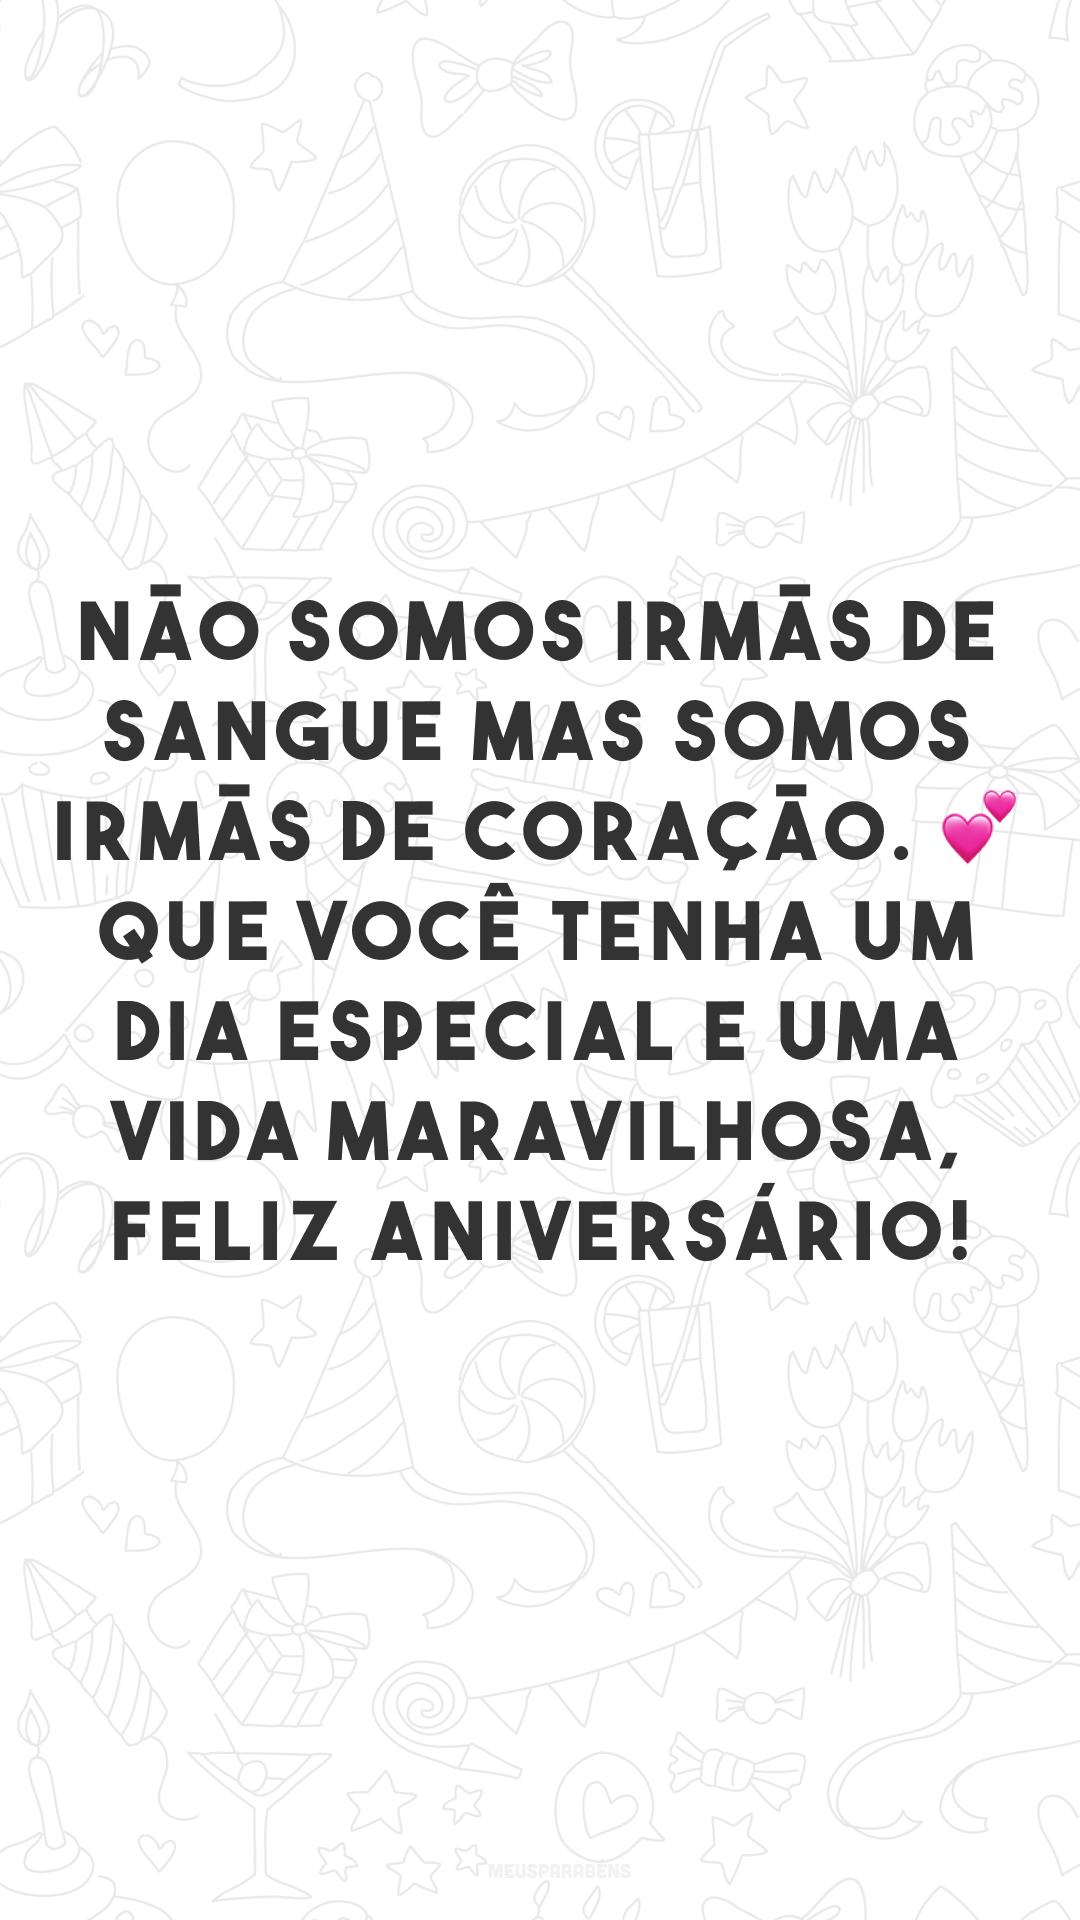 Não somos irmãs de sangue mas somos irmãs de coração. 💕 Que você tenha um dia especial e uma vida maravilhosa, feliz aniversário!